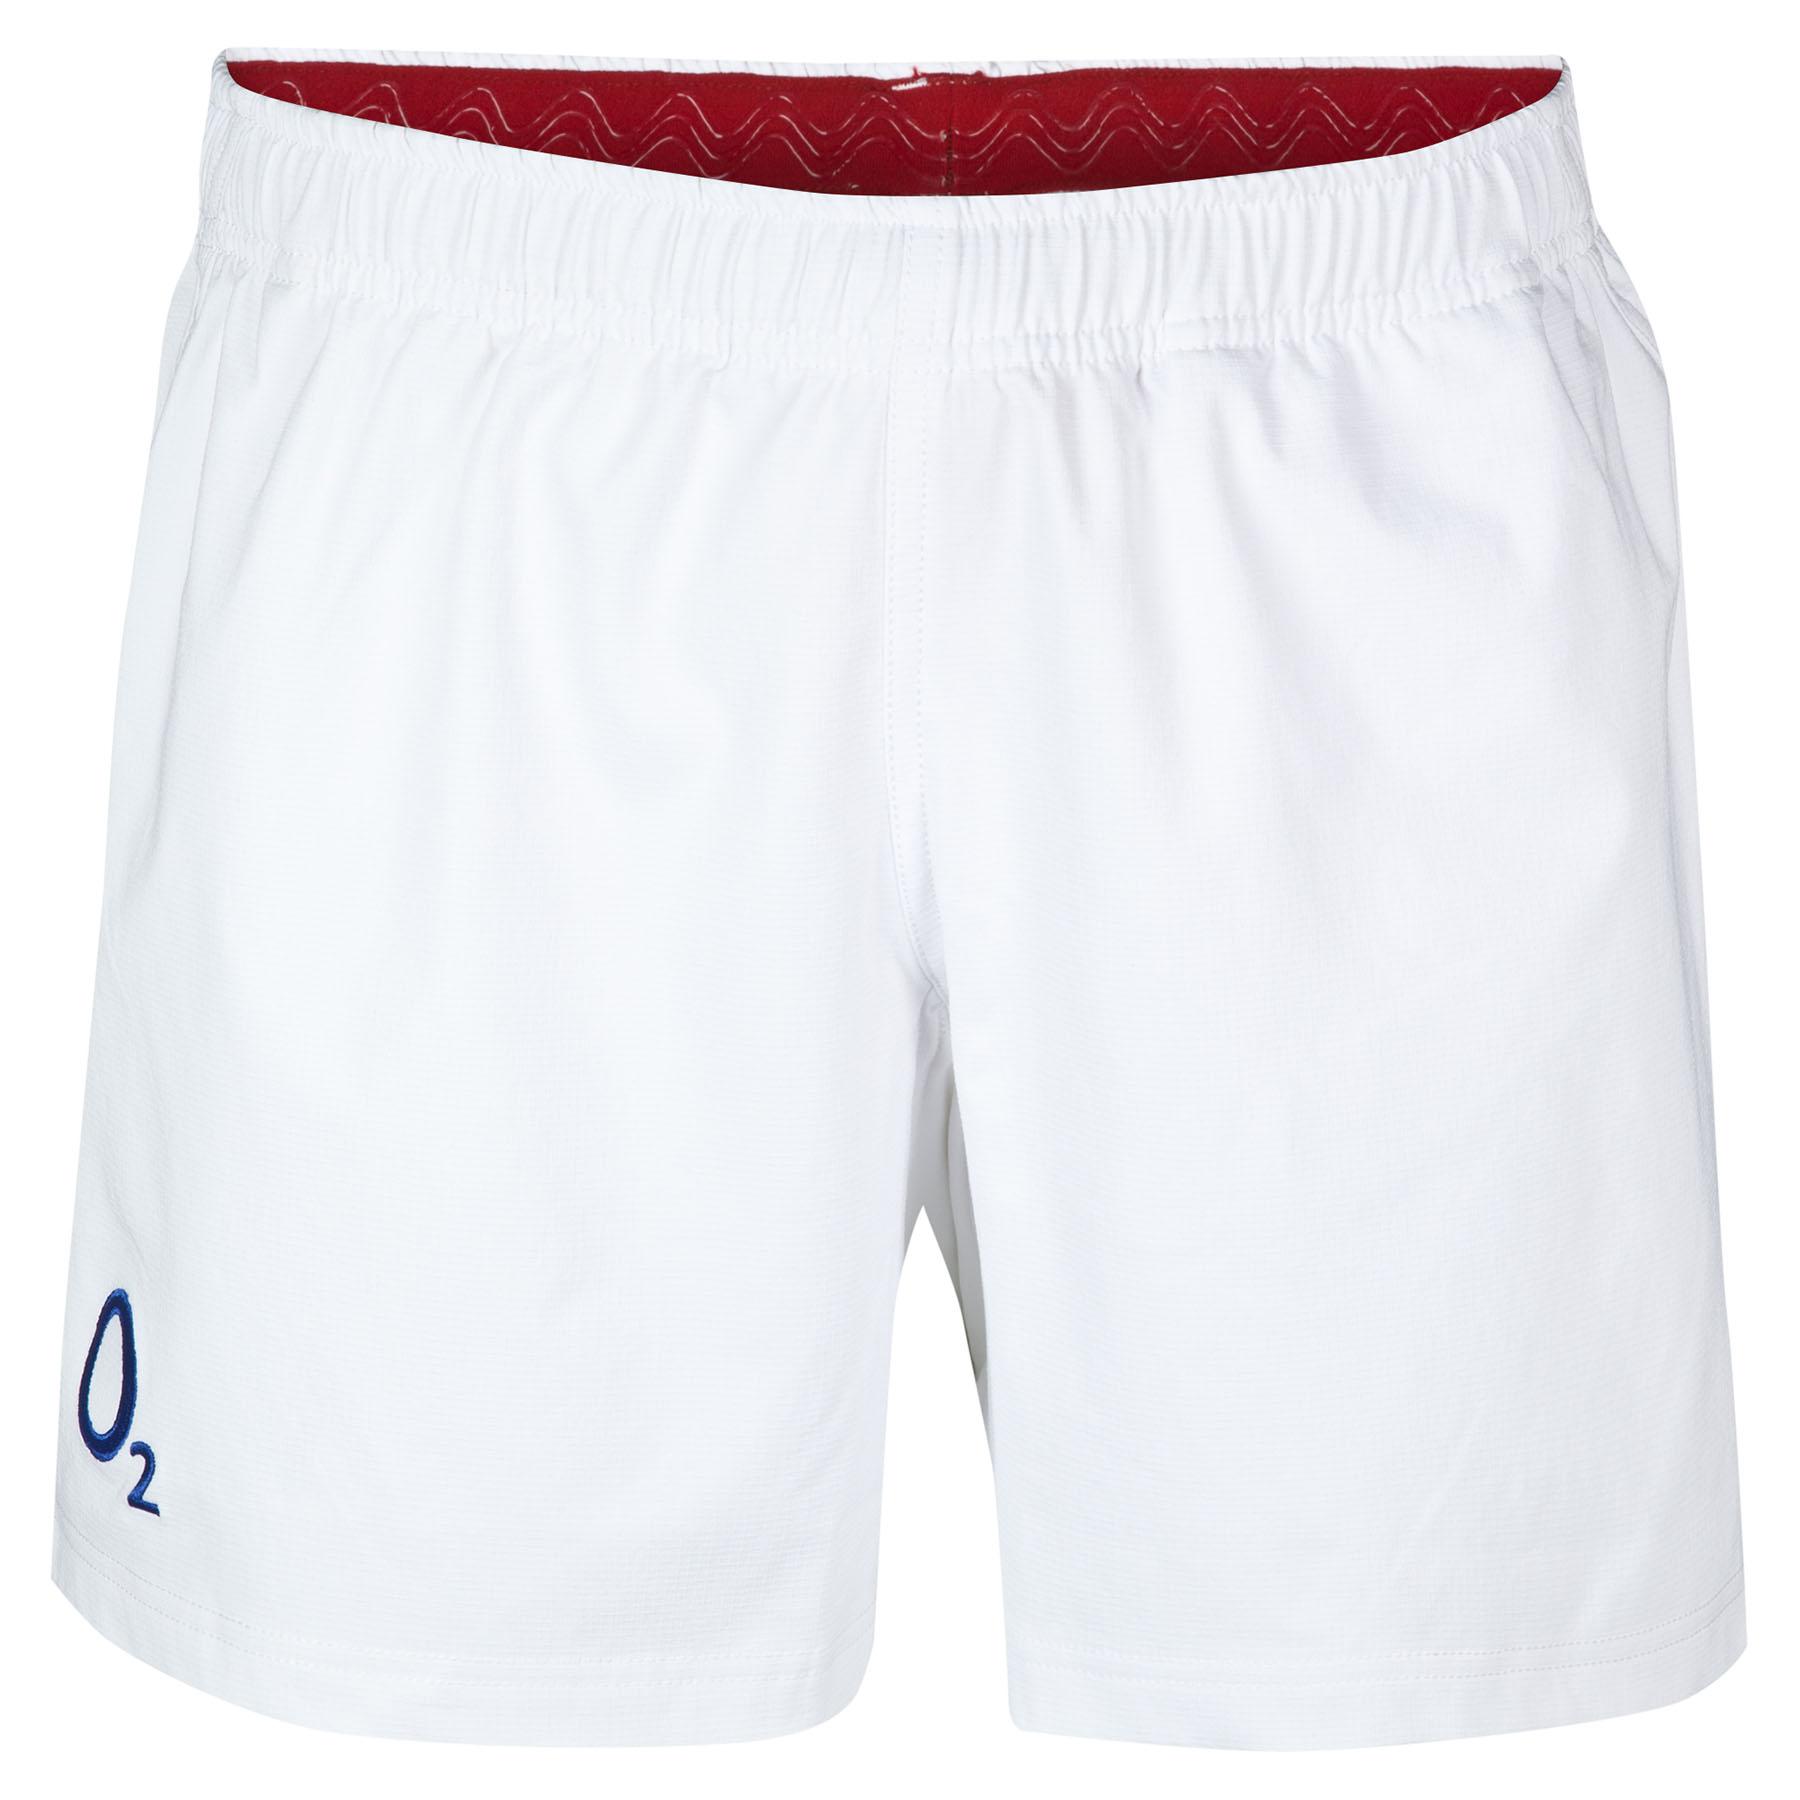 England Home Short 14/15 White